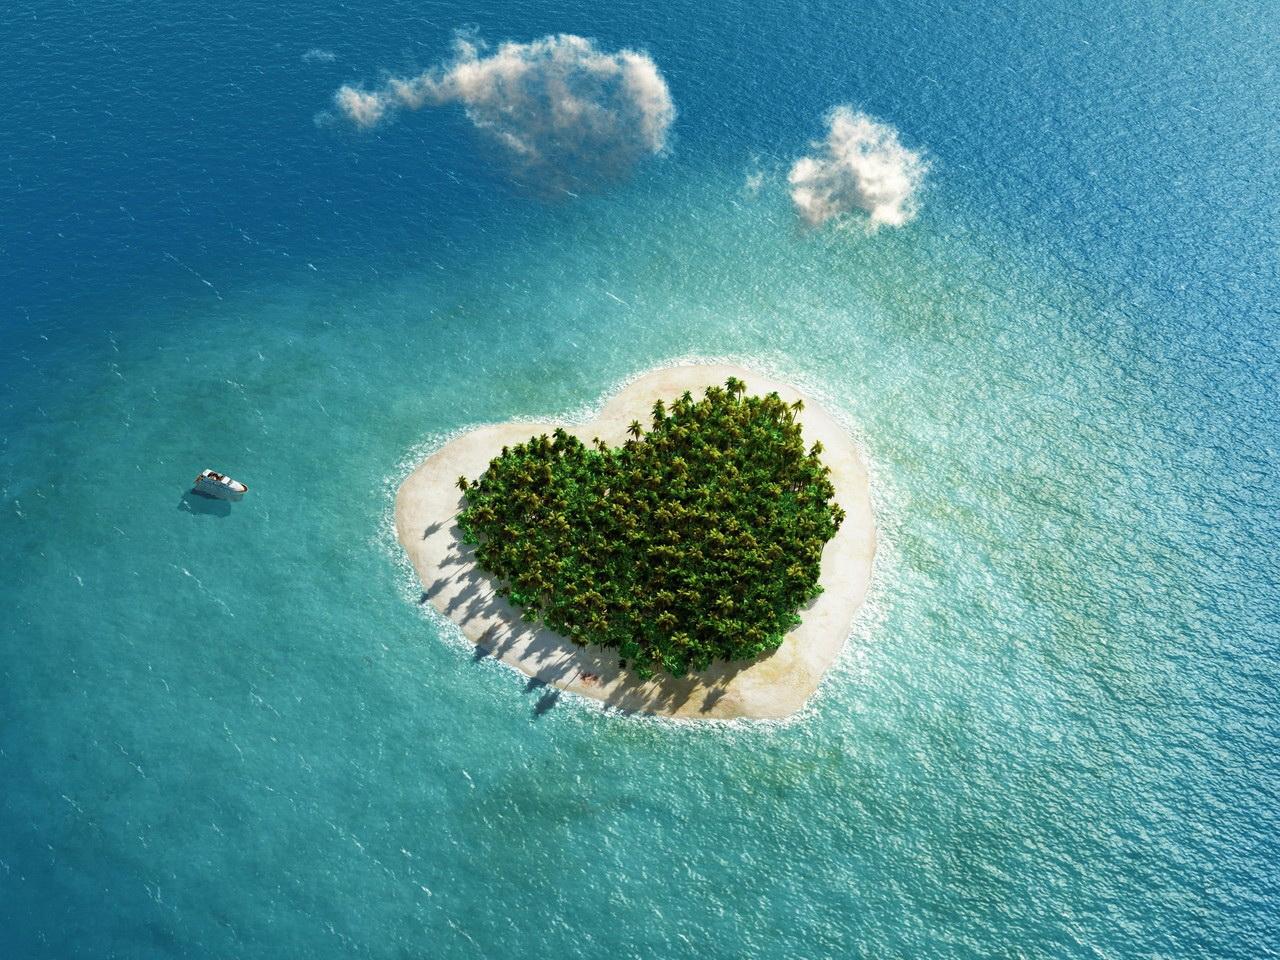 оригинальные поздравления остров нежности фото может